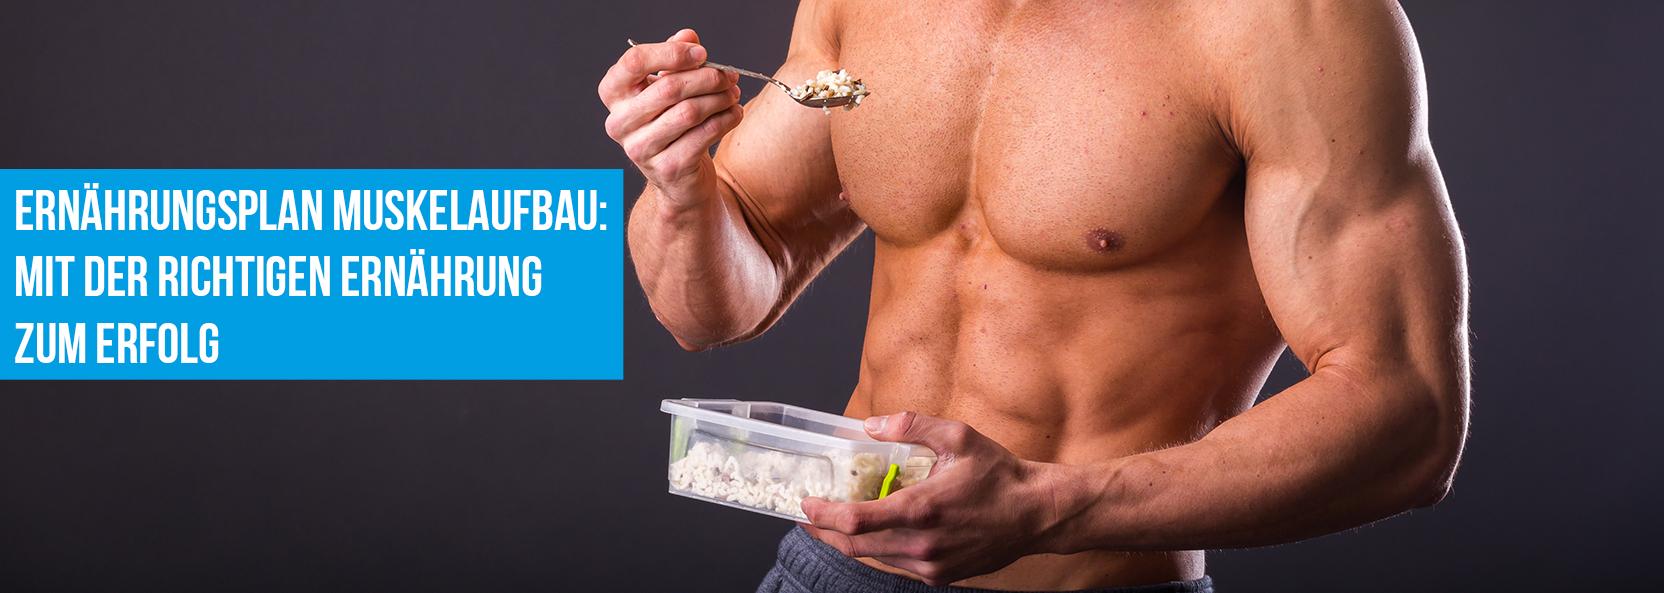 dann liegt es wahrscheinlich an der ernhrung und es wird zeit ber einen optimierten muskelaufbau ernhrungsplan nachzudenken - Ernahrungsplan Muskelaufbau Beispiel